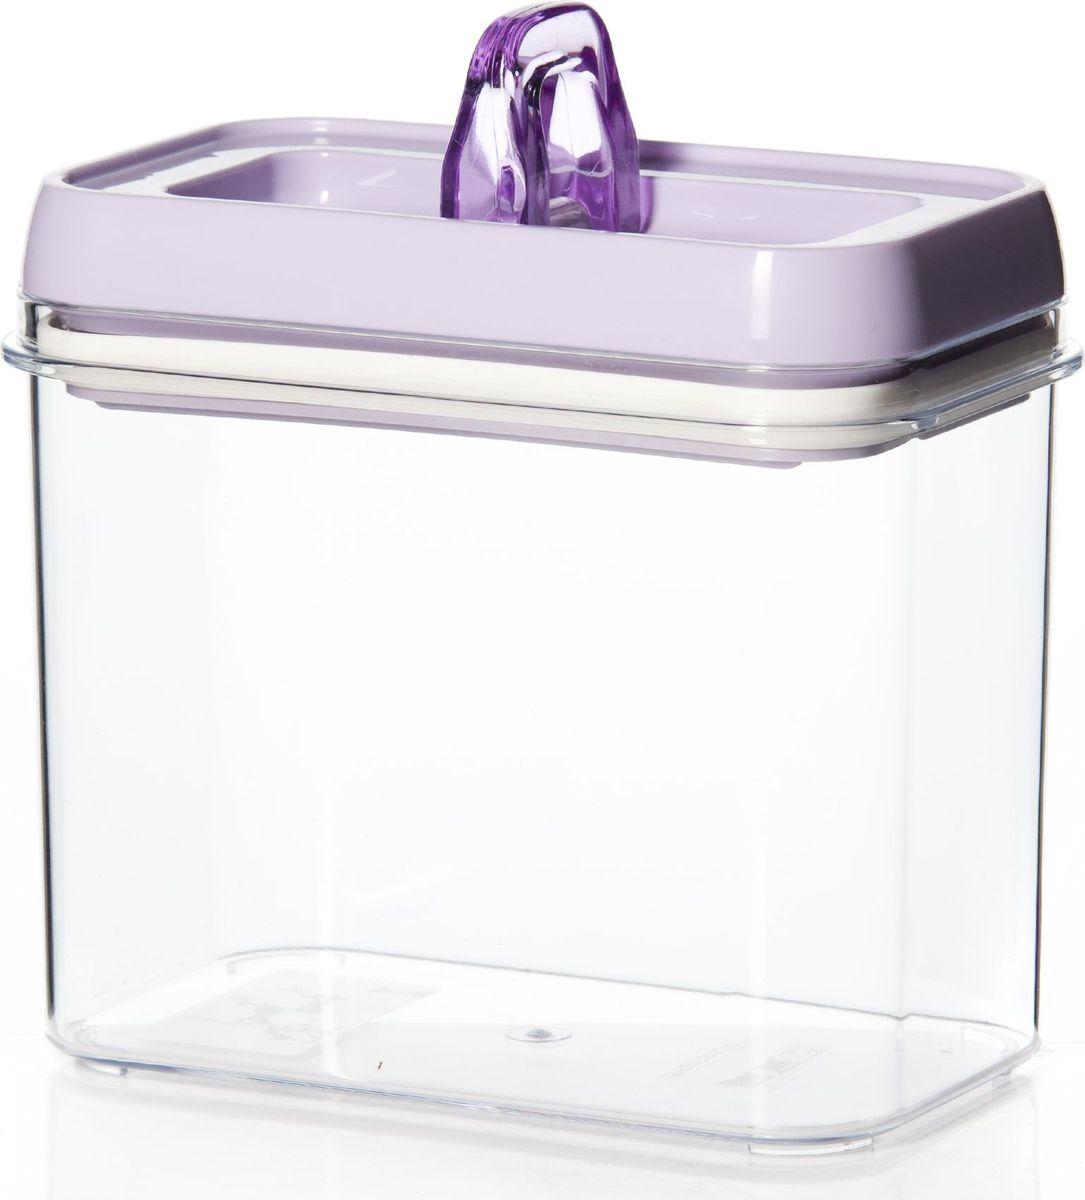 Контейнер для продуктов Herevin, 1,2 л. 161178-033 контейнер вакуумный для пищевых продуктов herevin 600 мл 161173 033